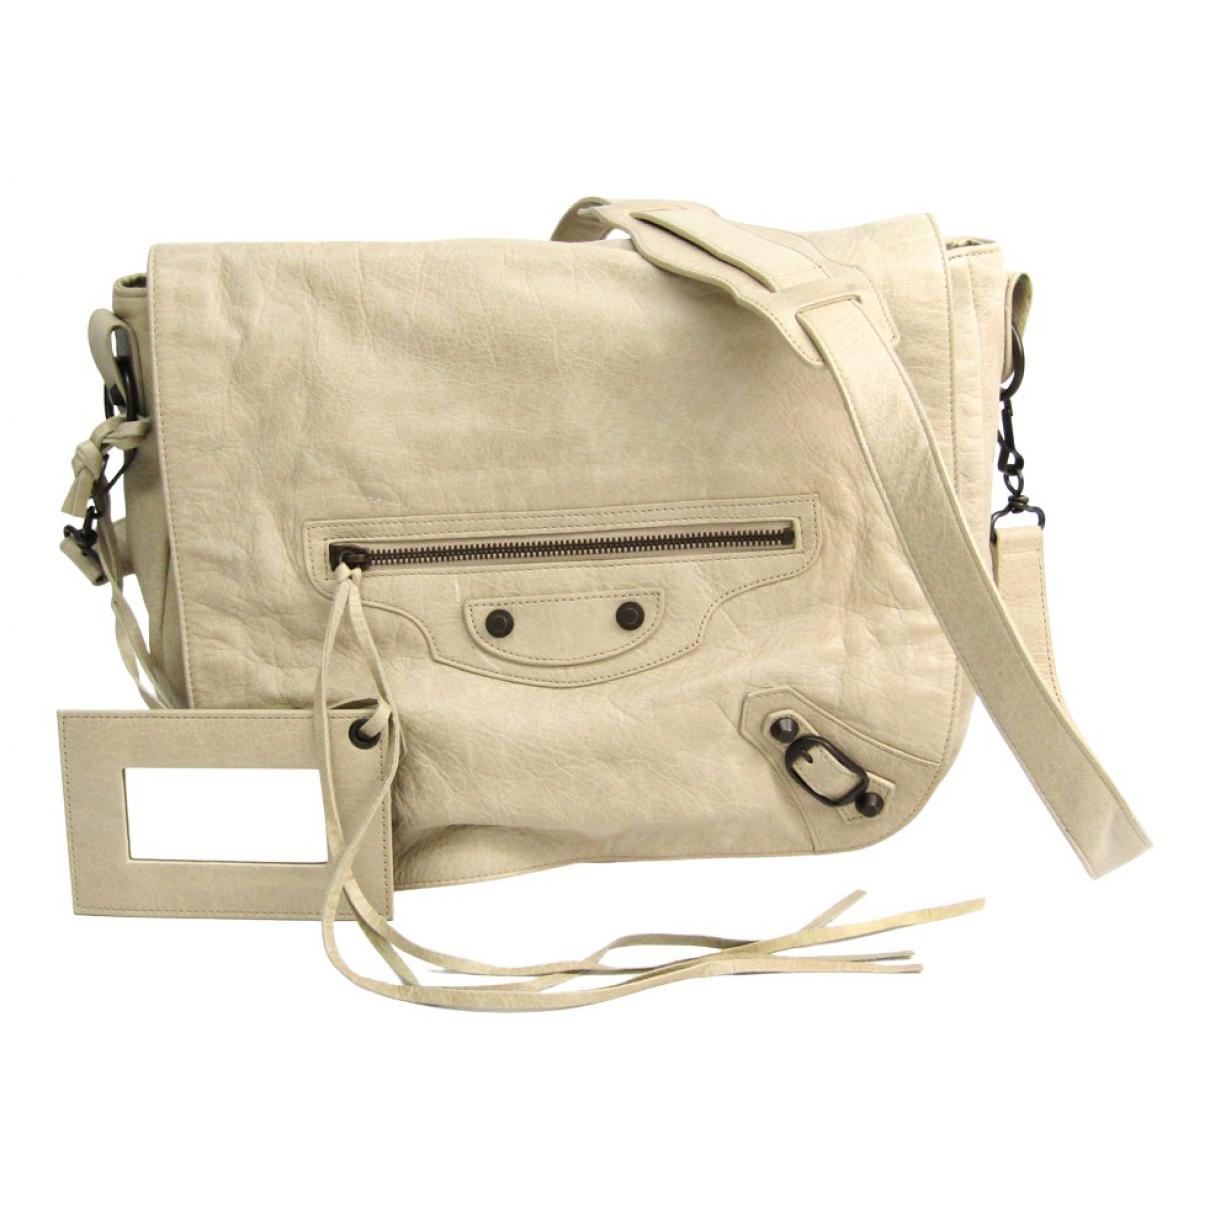 Balenciaga N Ecru Leather handbag for Women N